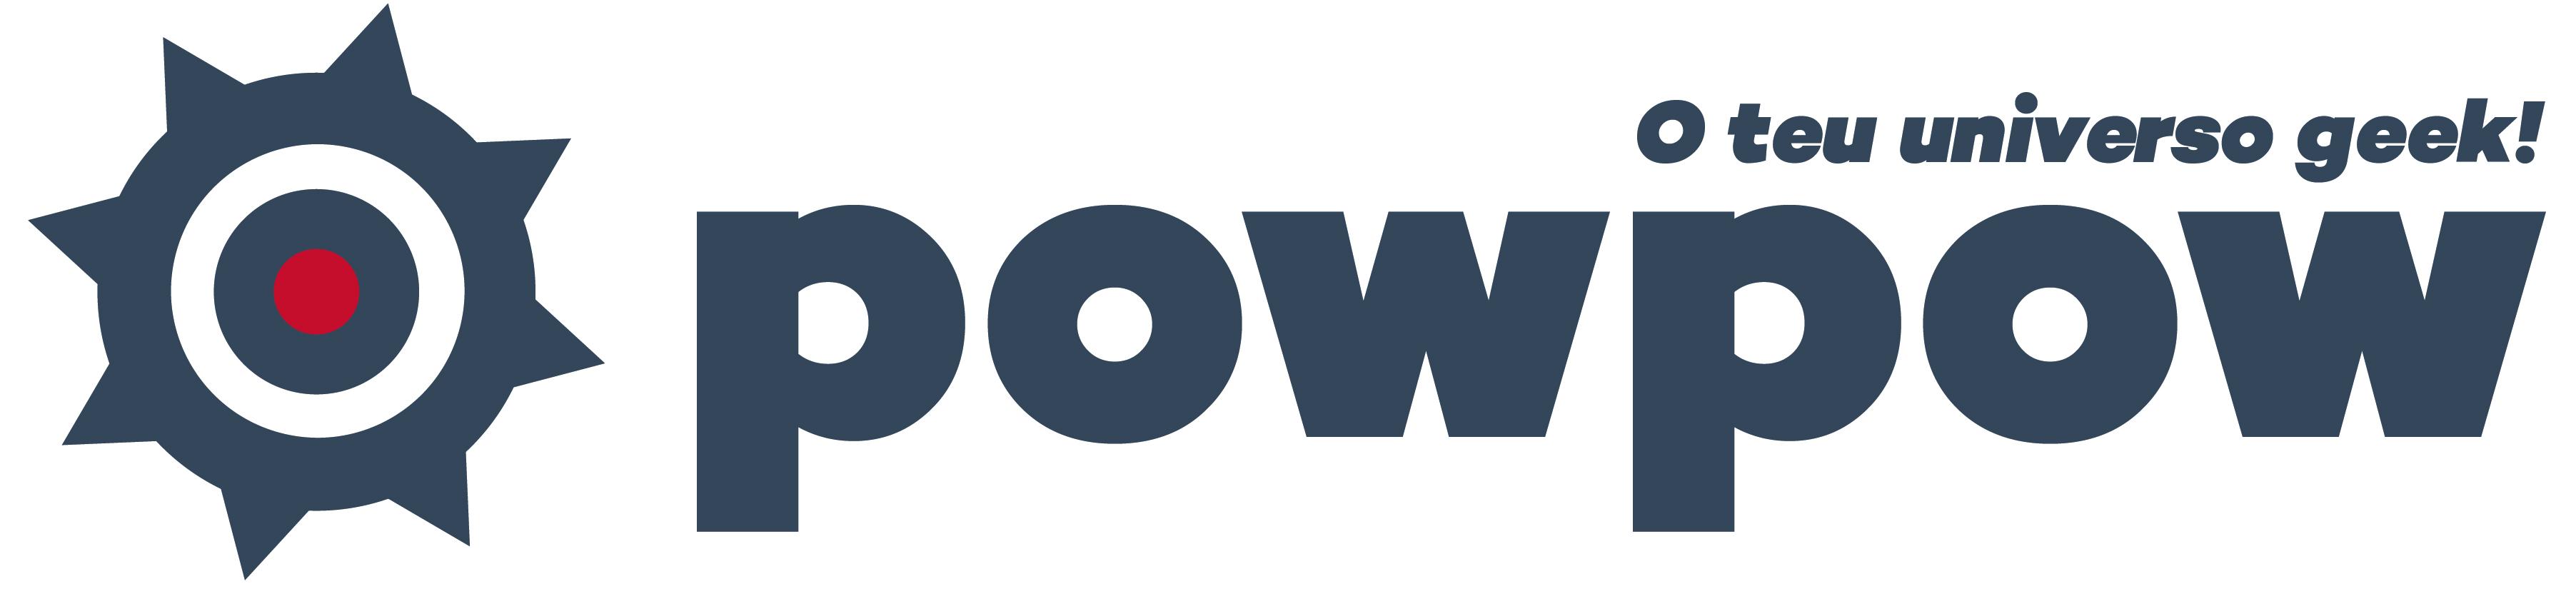 powpow - O Teu Universo Geek!